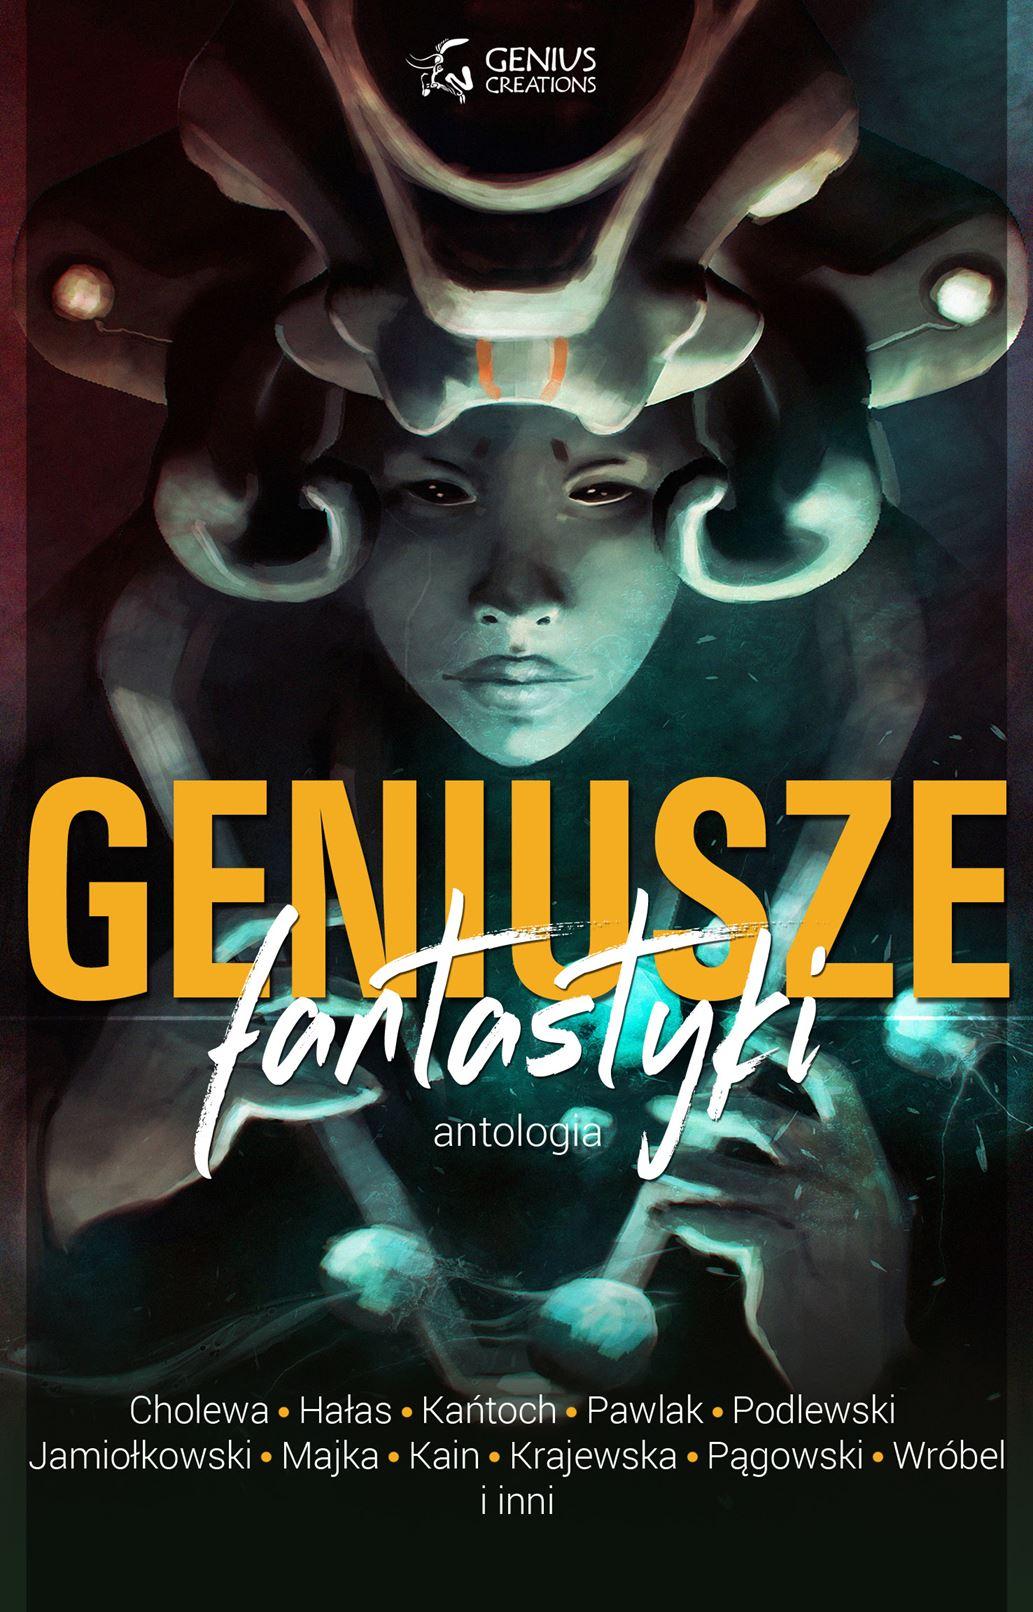 Geniusze-fantastyki